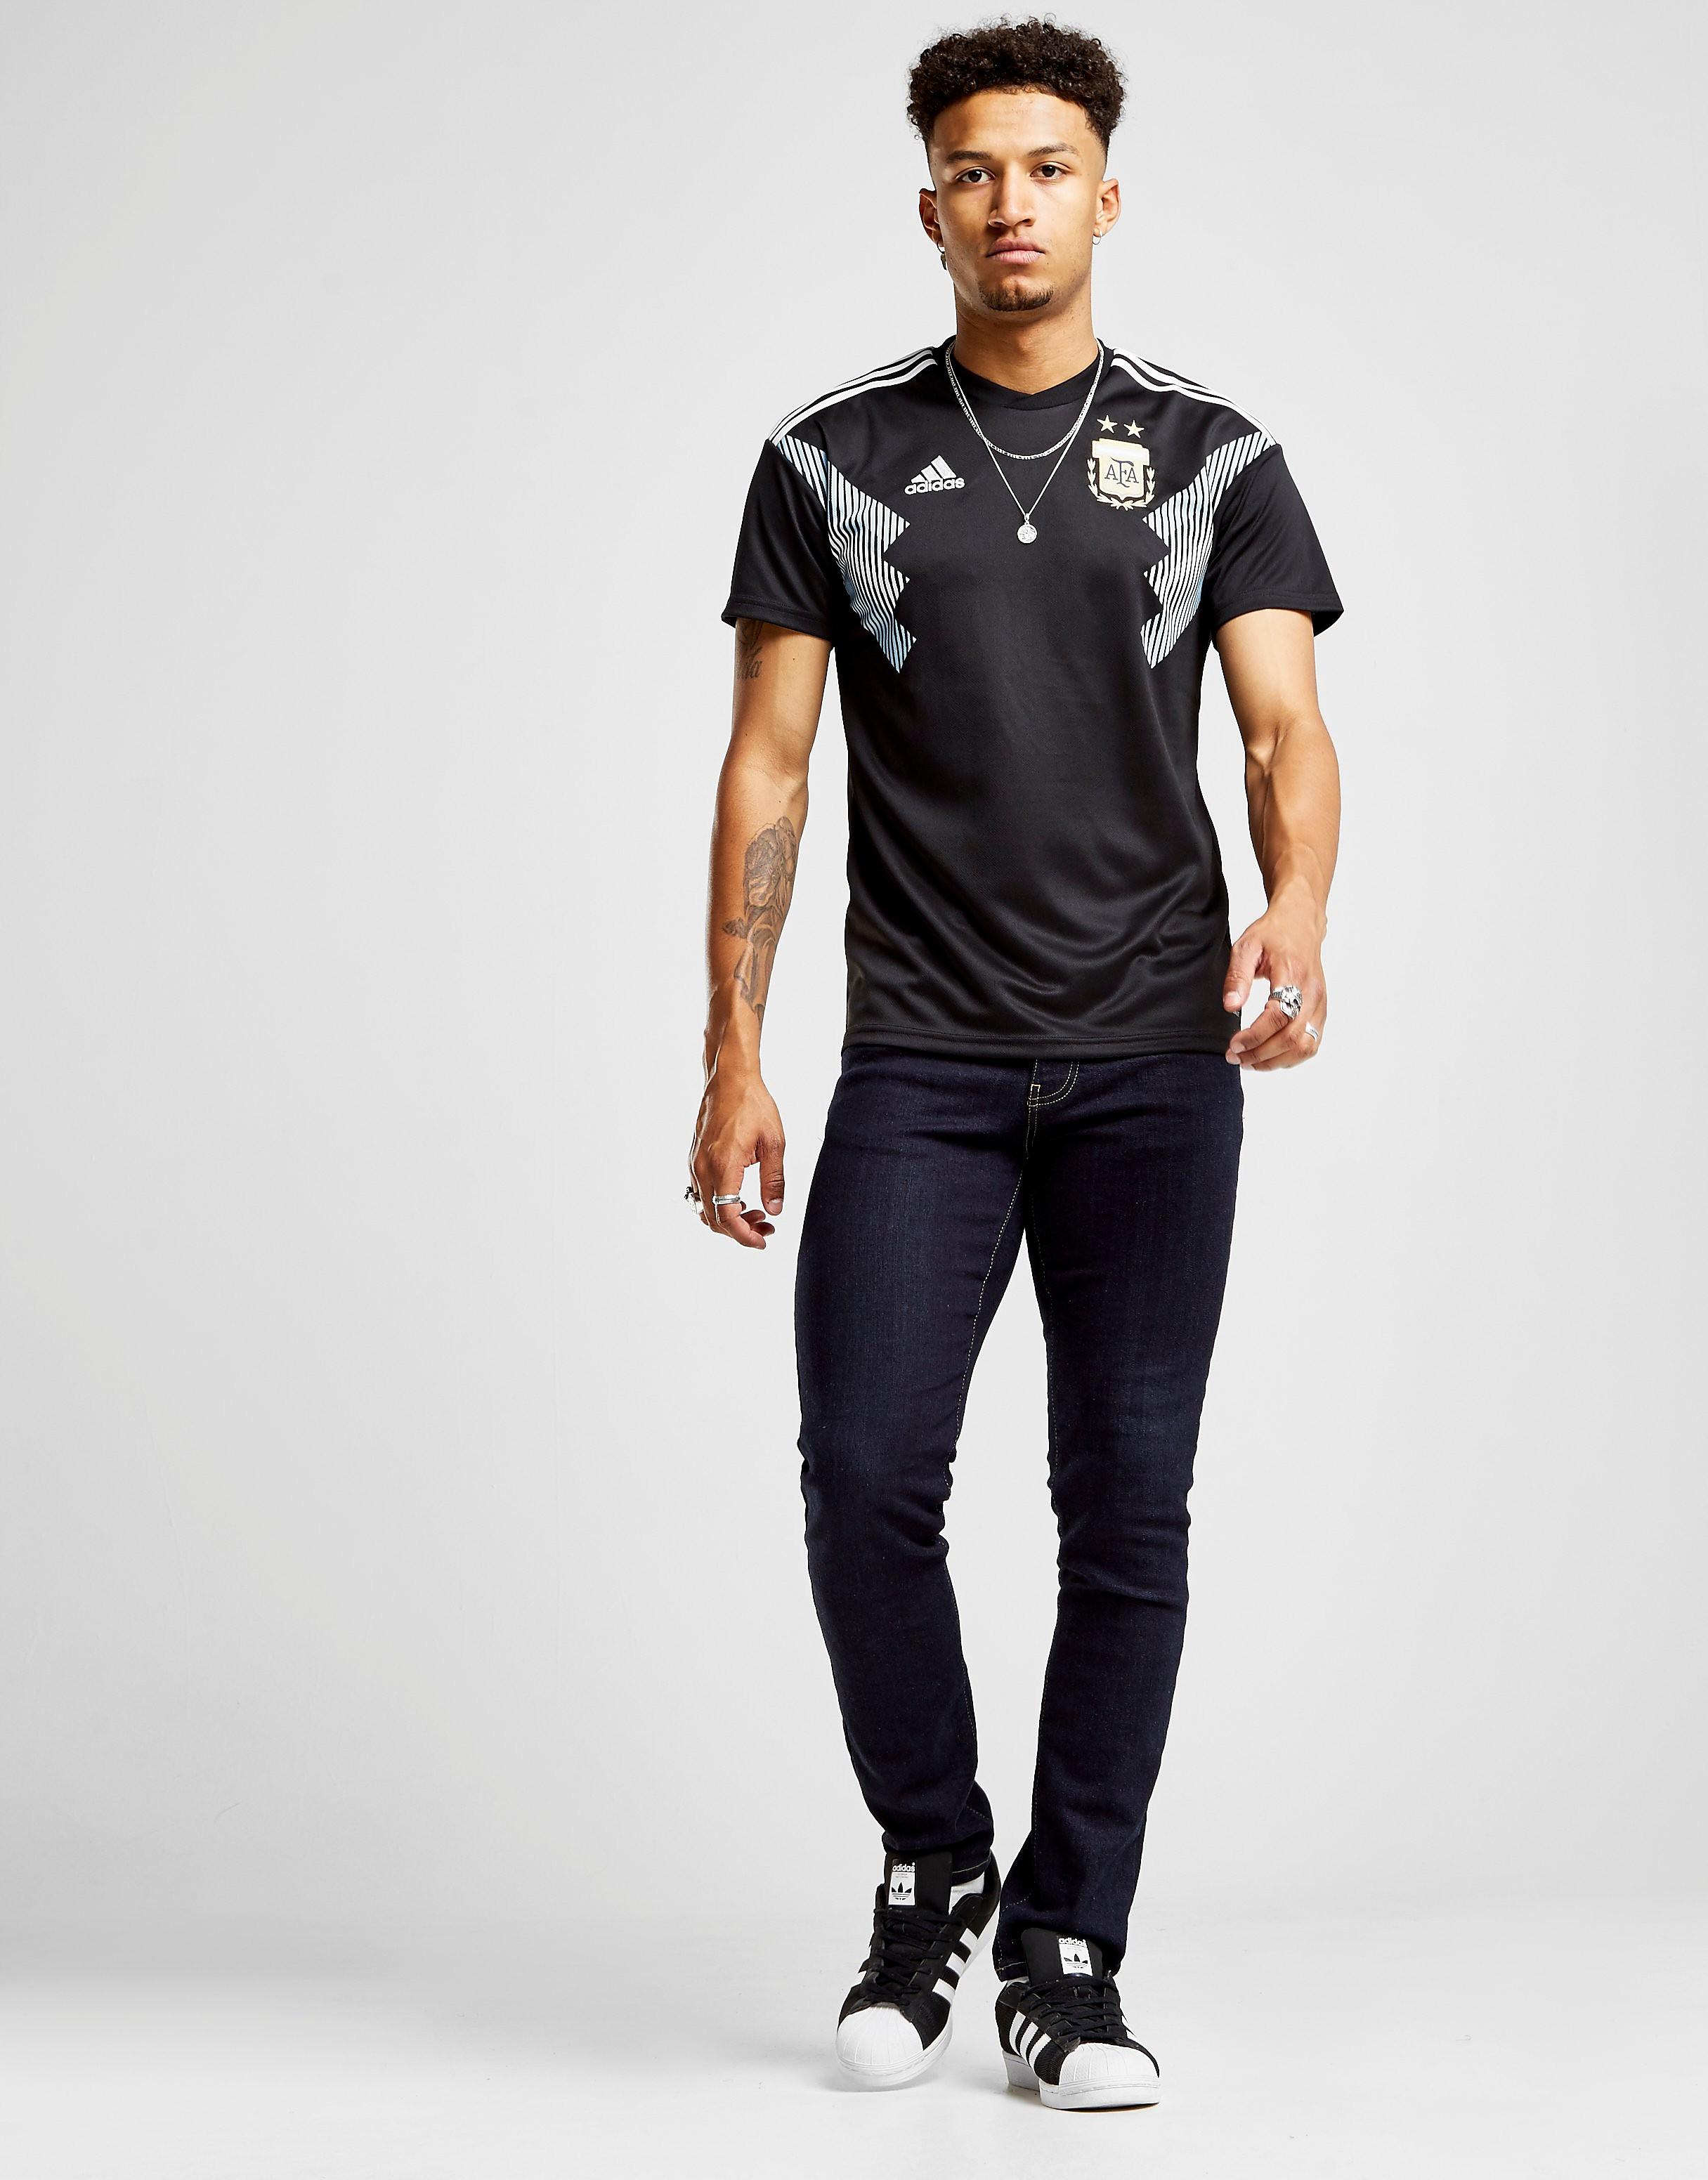 adidas Argentina 2018 Away Shirt